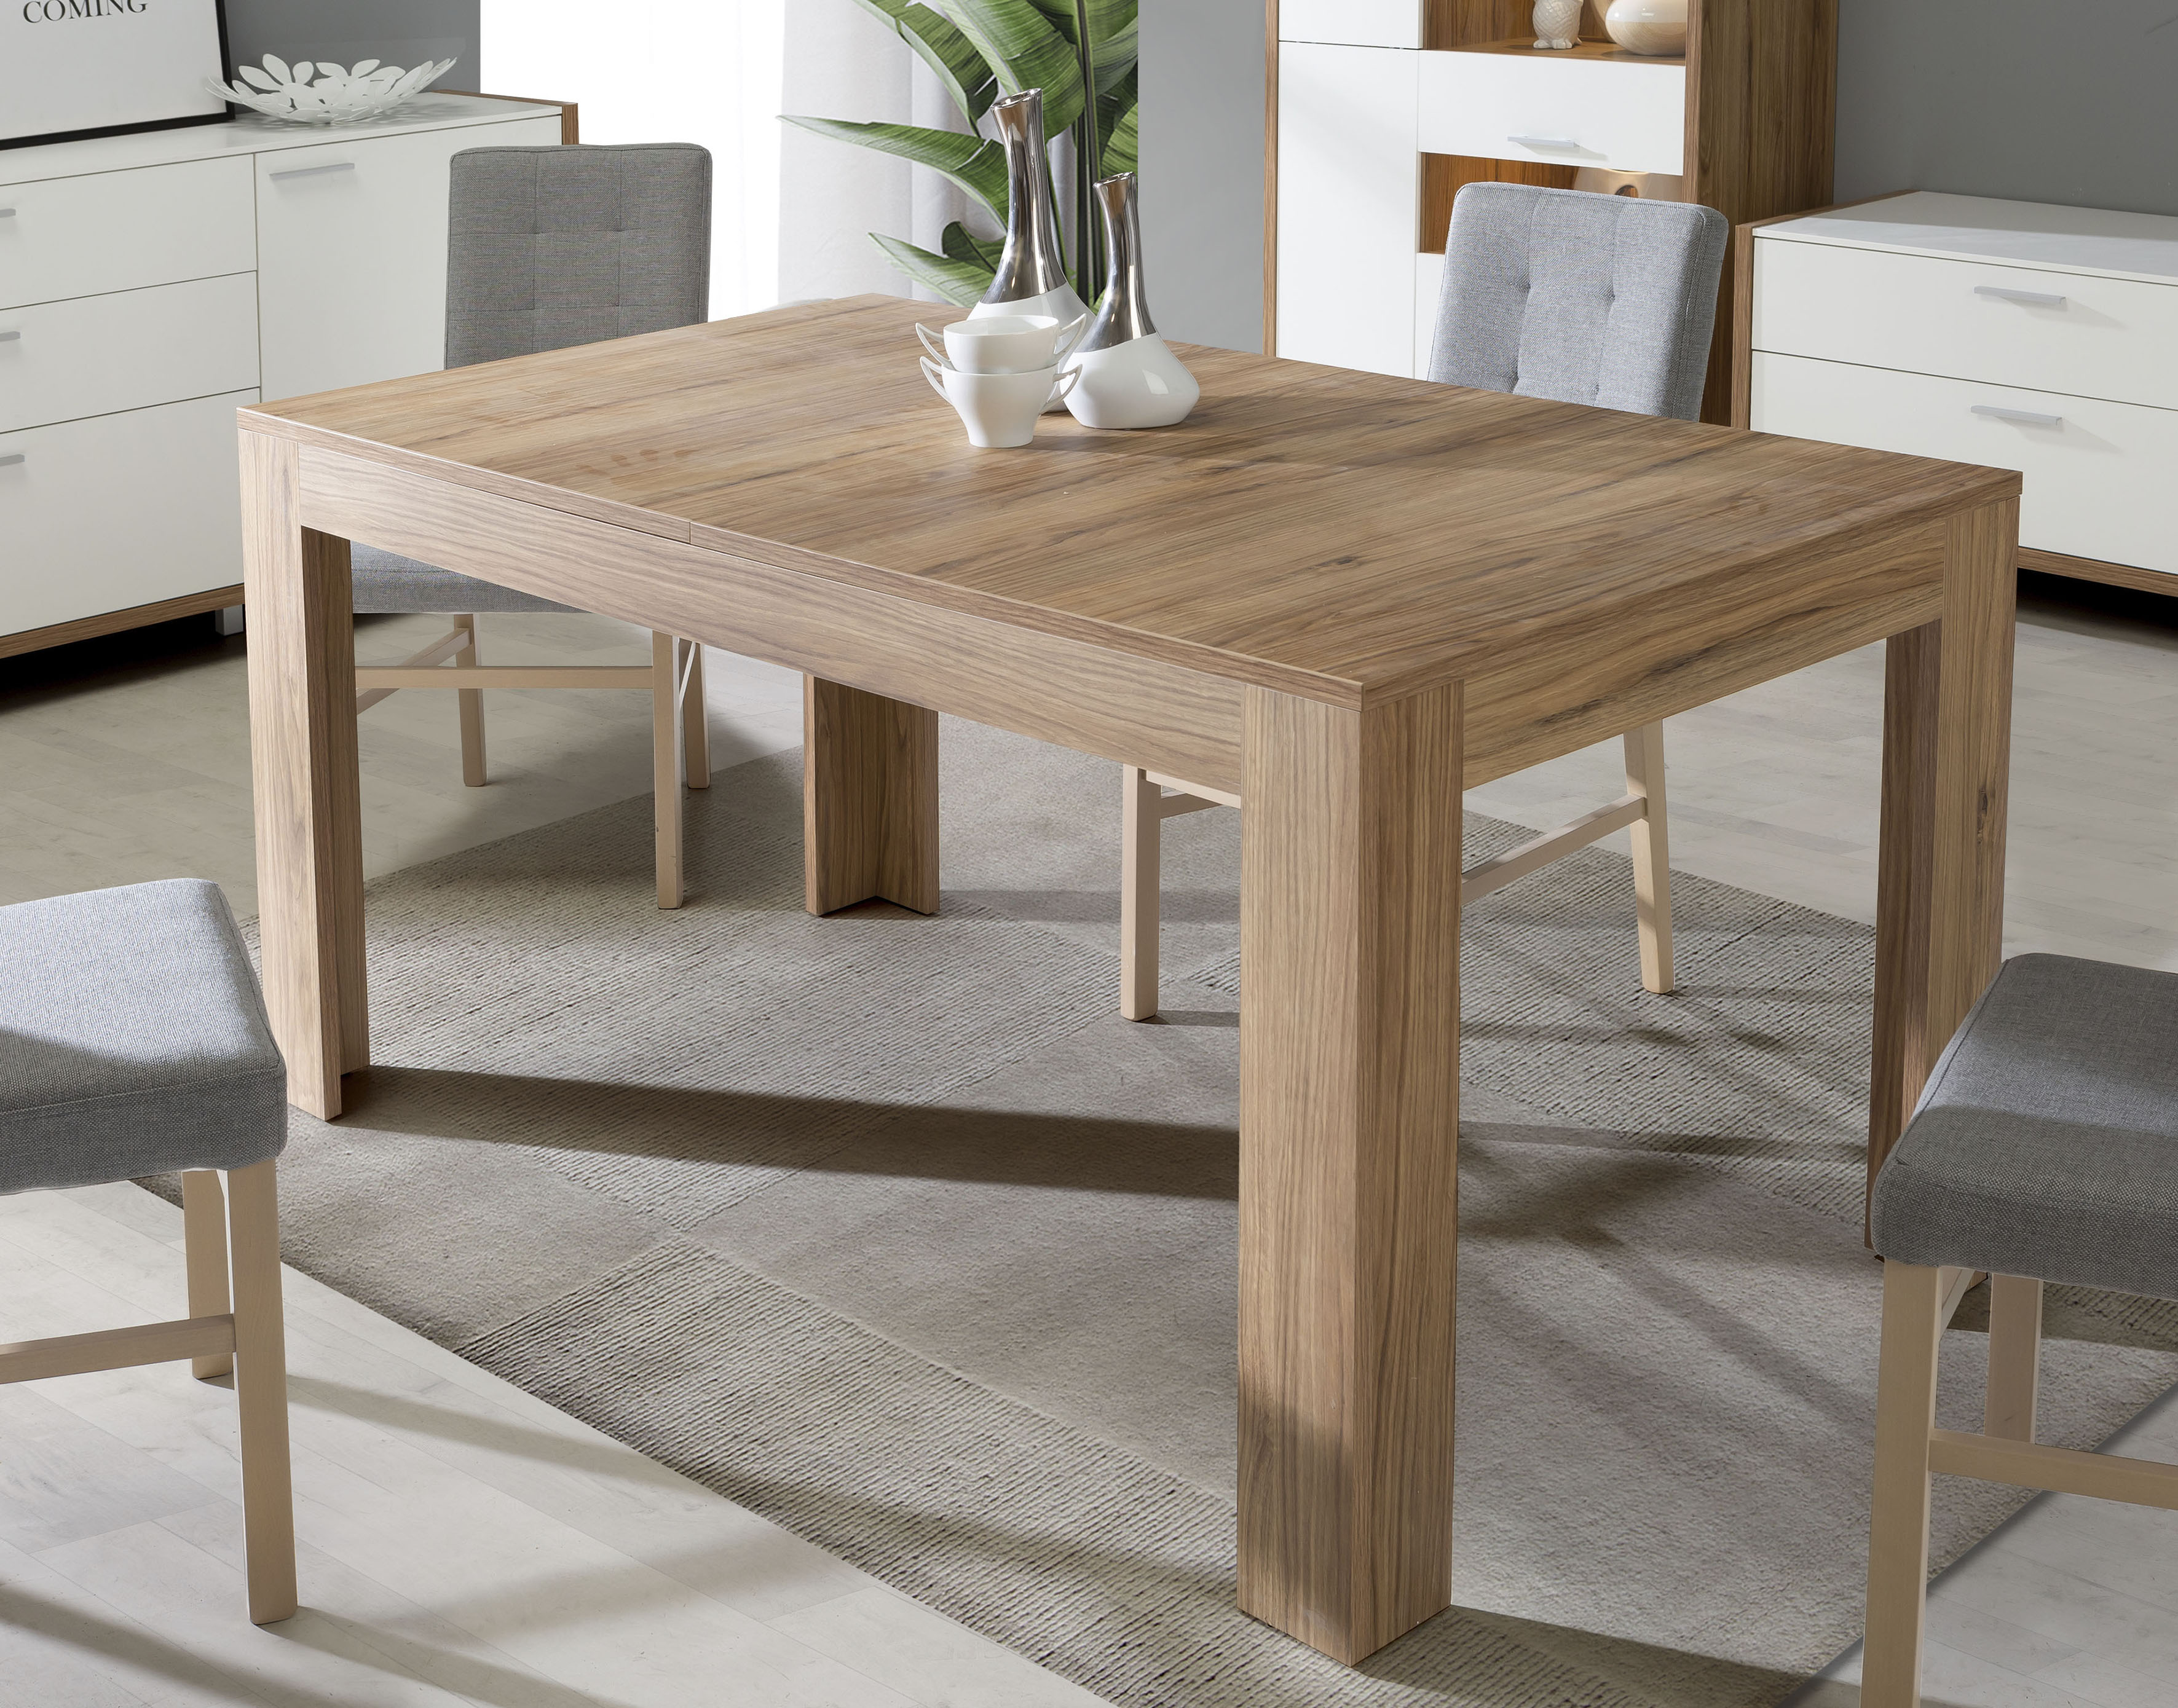 FORTE Esstisch, ausziehbar von 160 auf 206 cm beige Esstisch Ausziehbare Esstische Tische